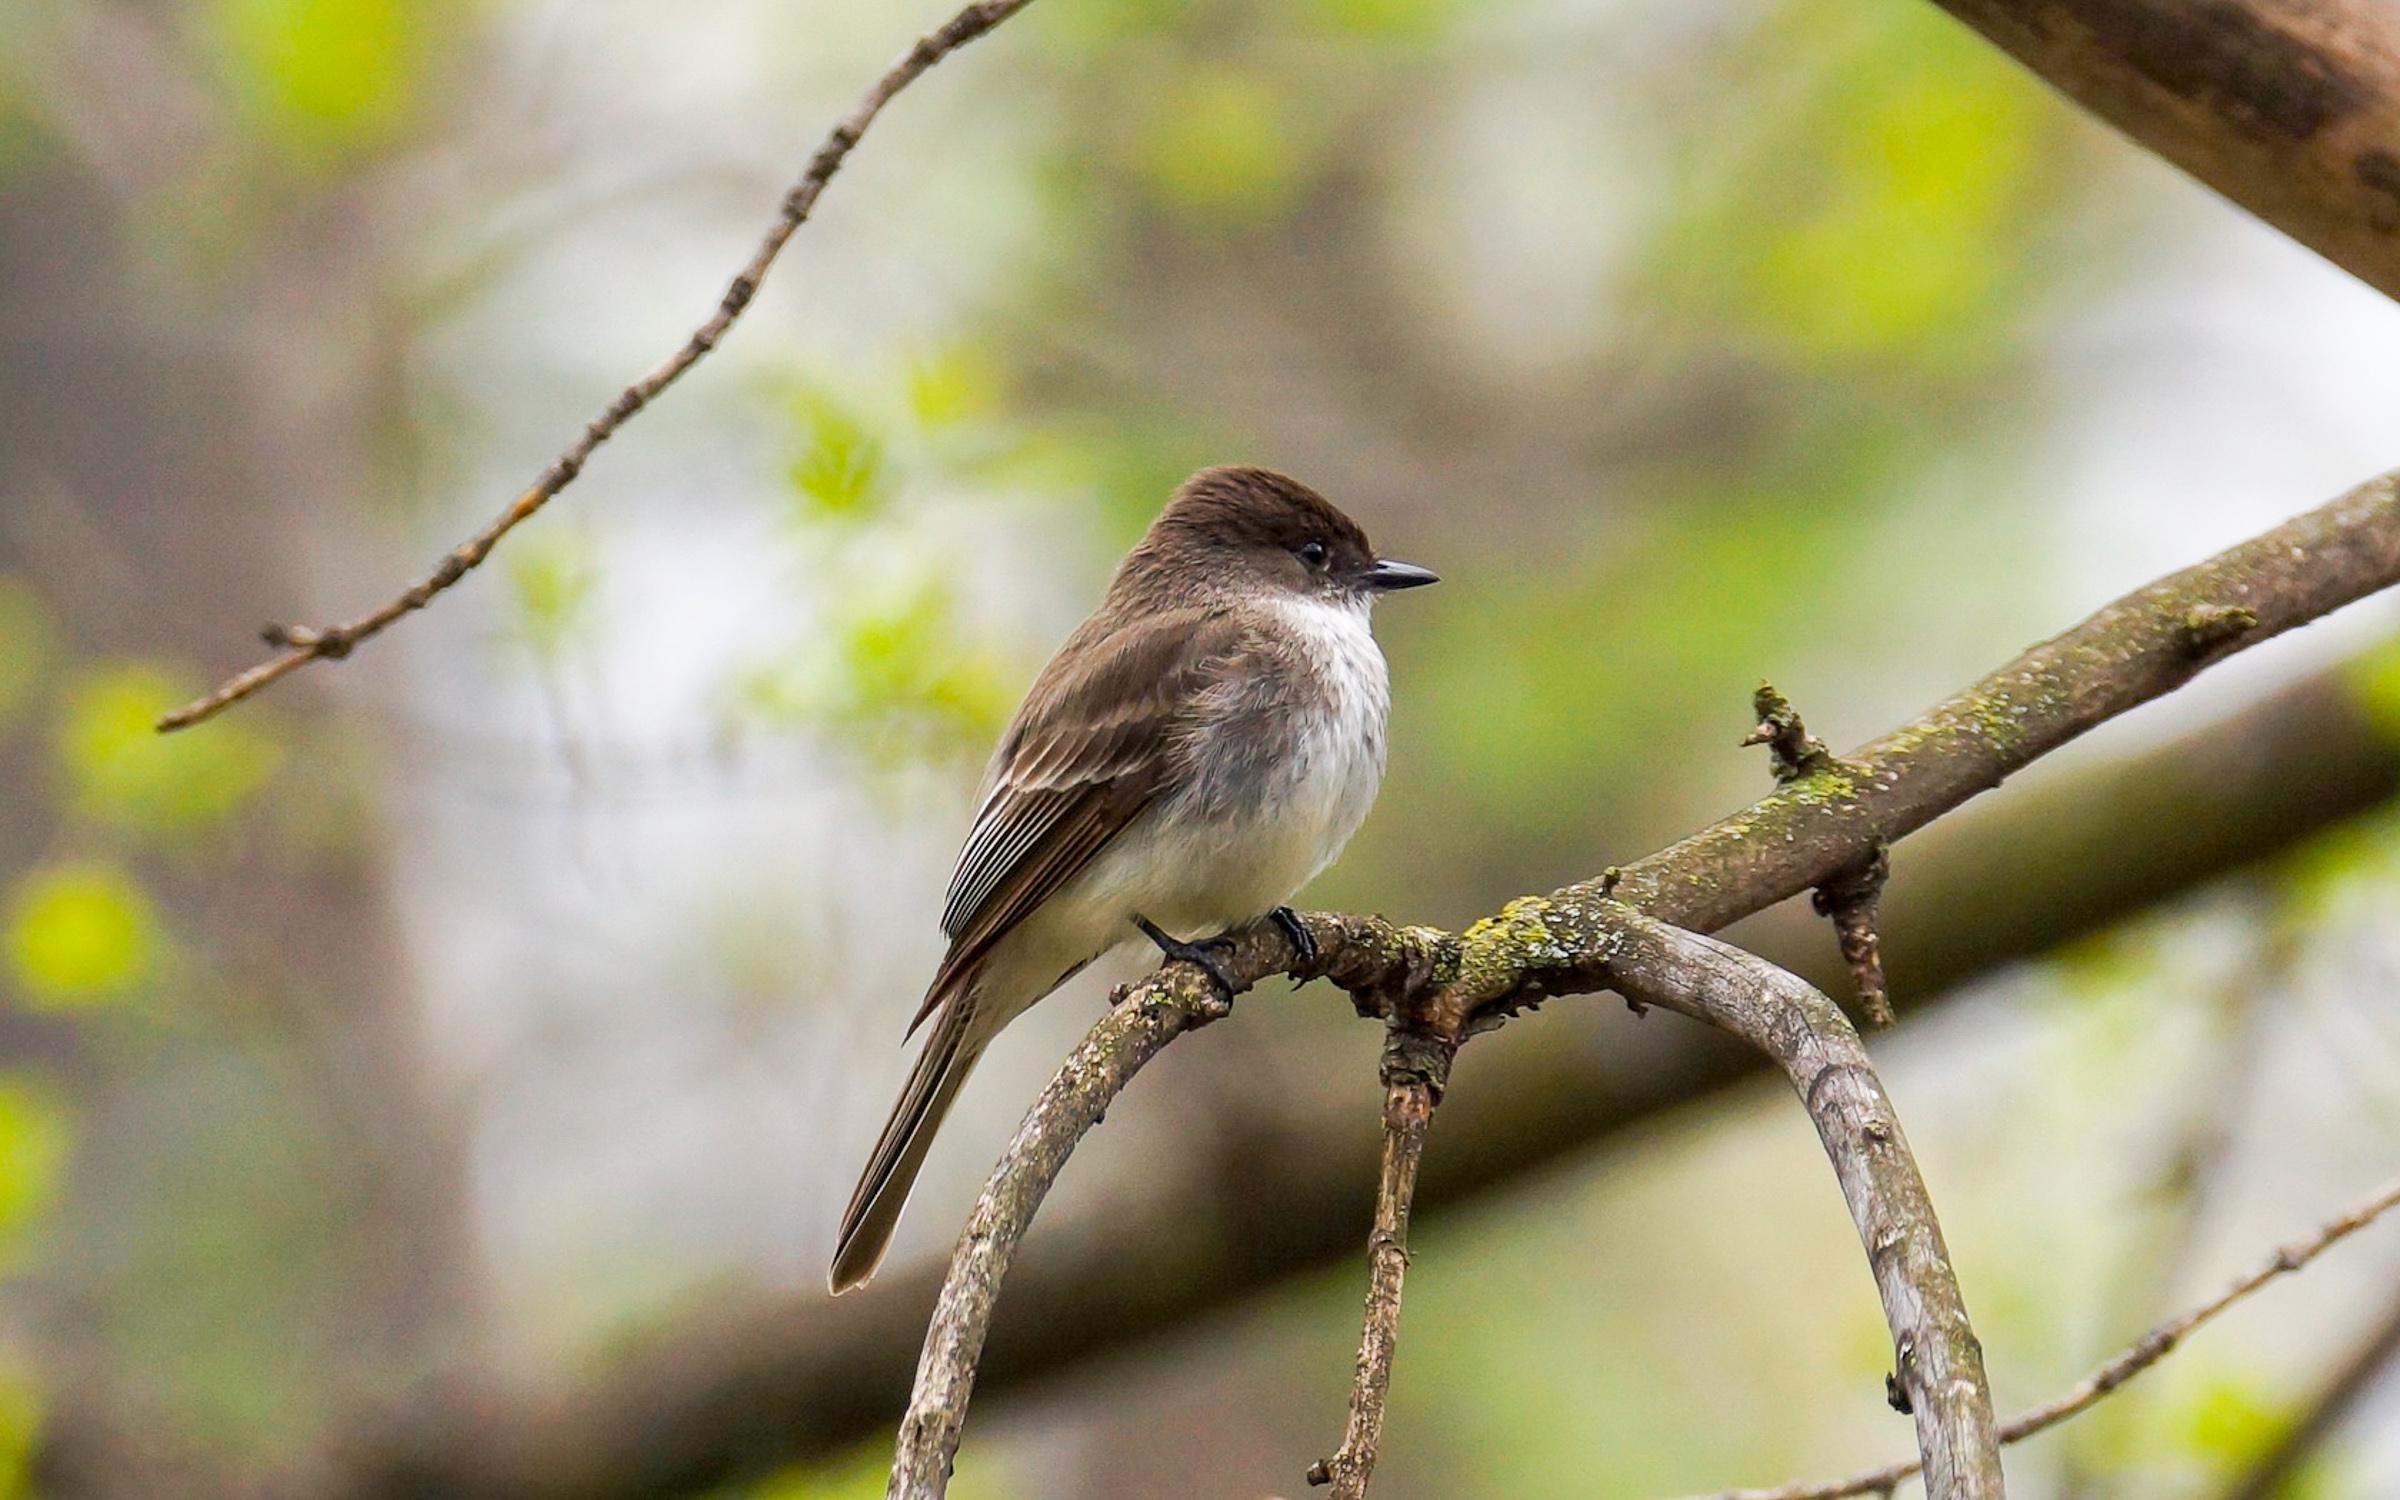 Eastern Phoebe. Photo: Andrea Hedblom / Audubon Photography Awards.